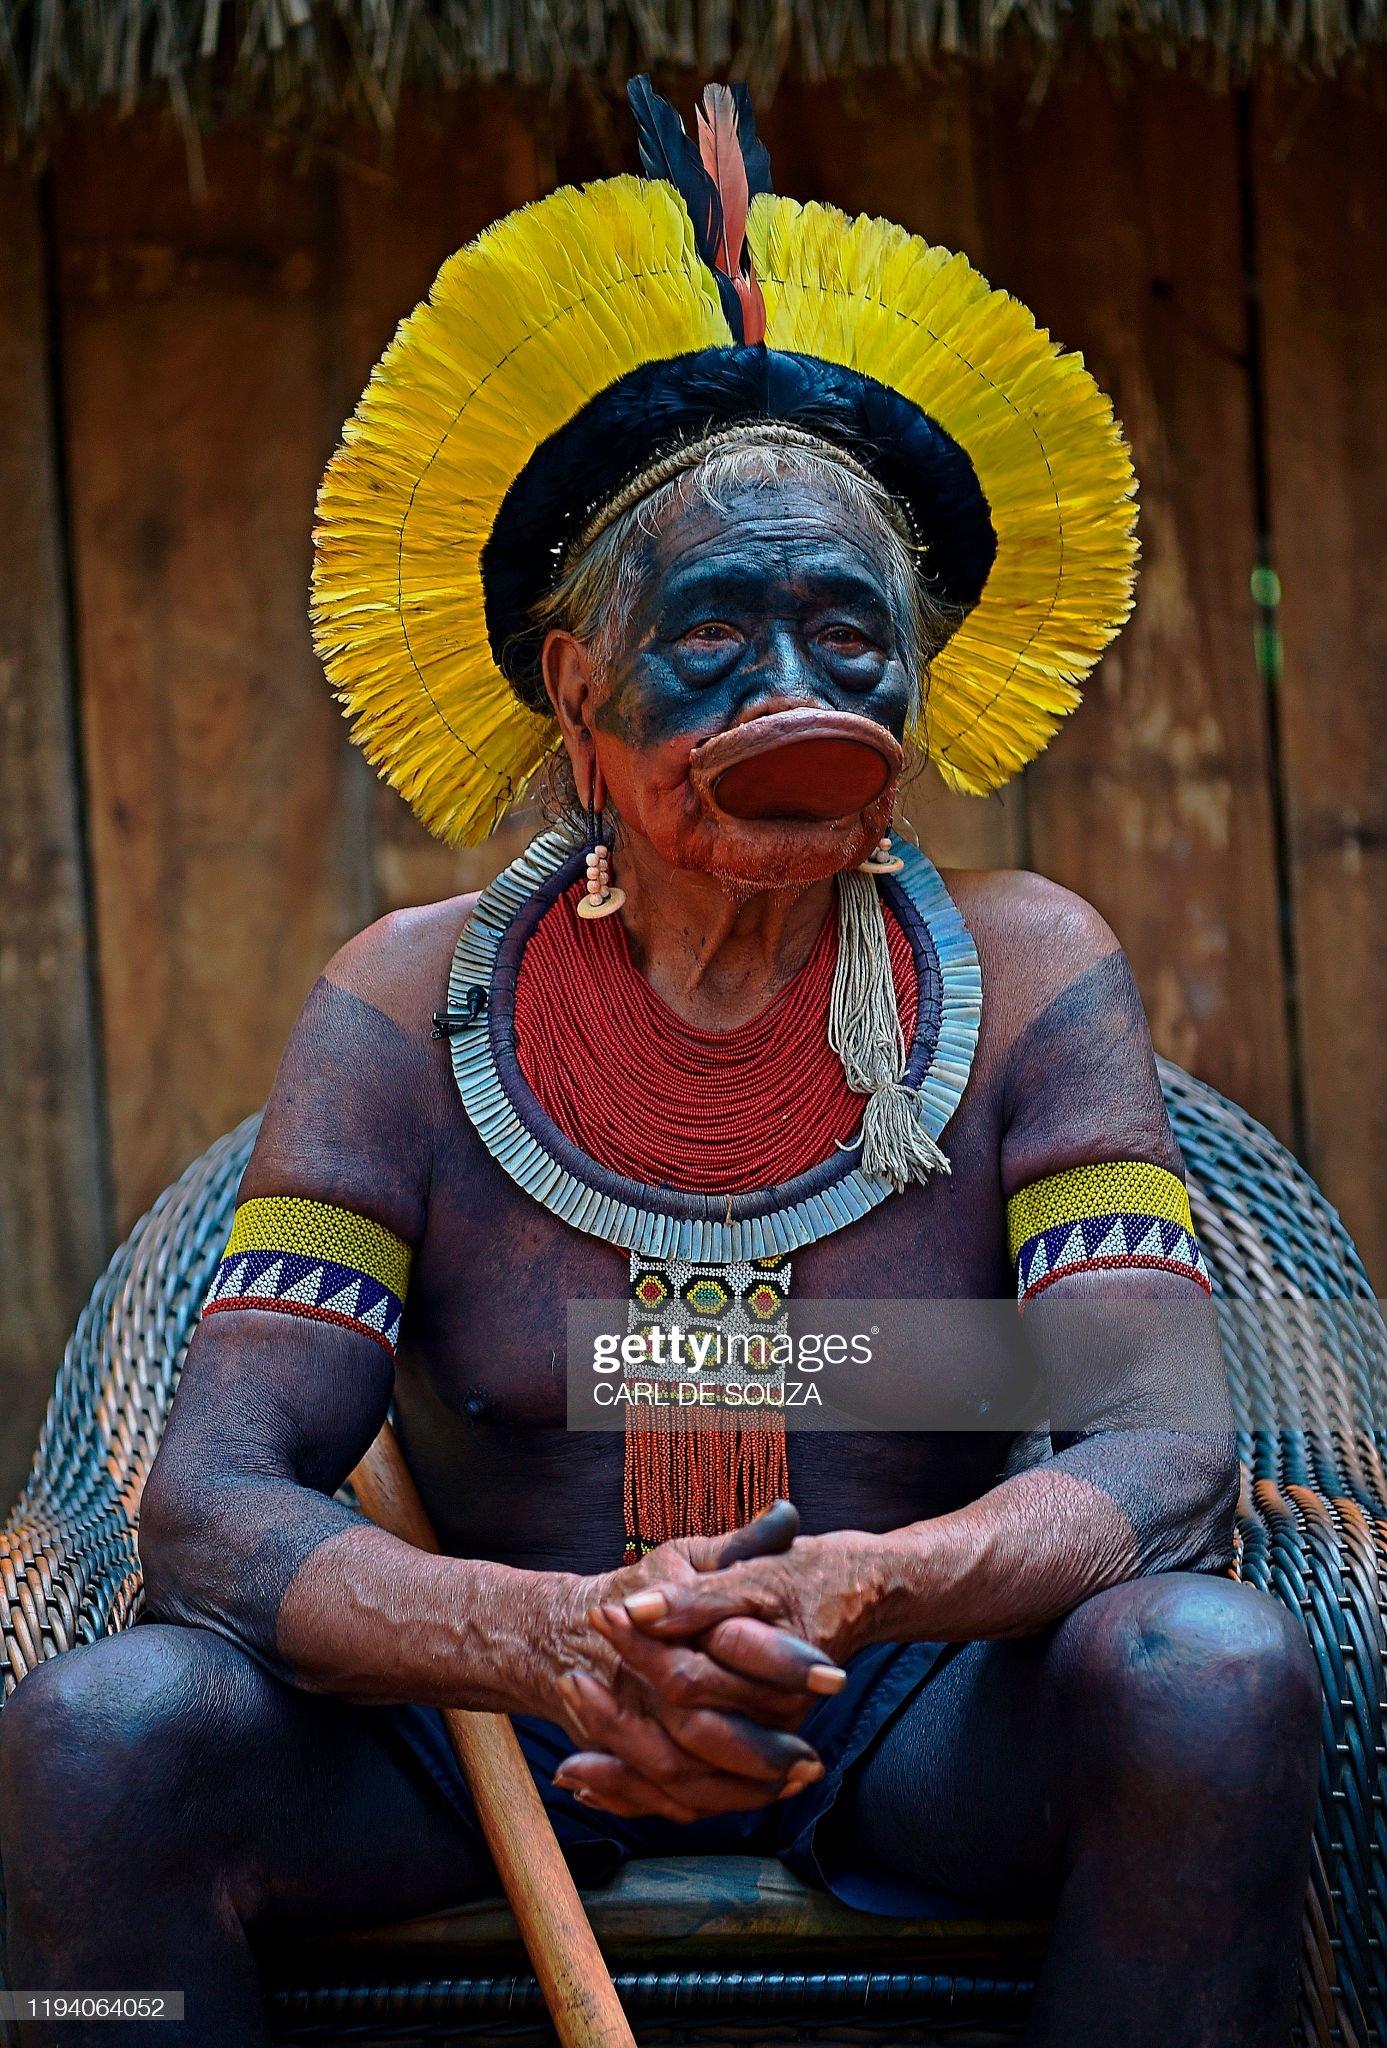 BRAZIL-POLITICS-ENVIRONMENT-AMAZON-INDIGENOUS-RAONI : Foto di attualità